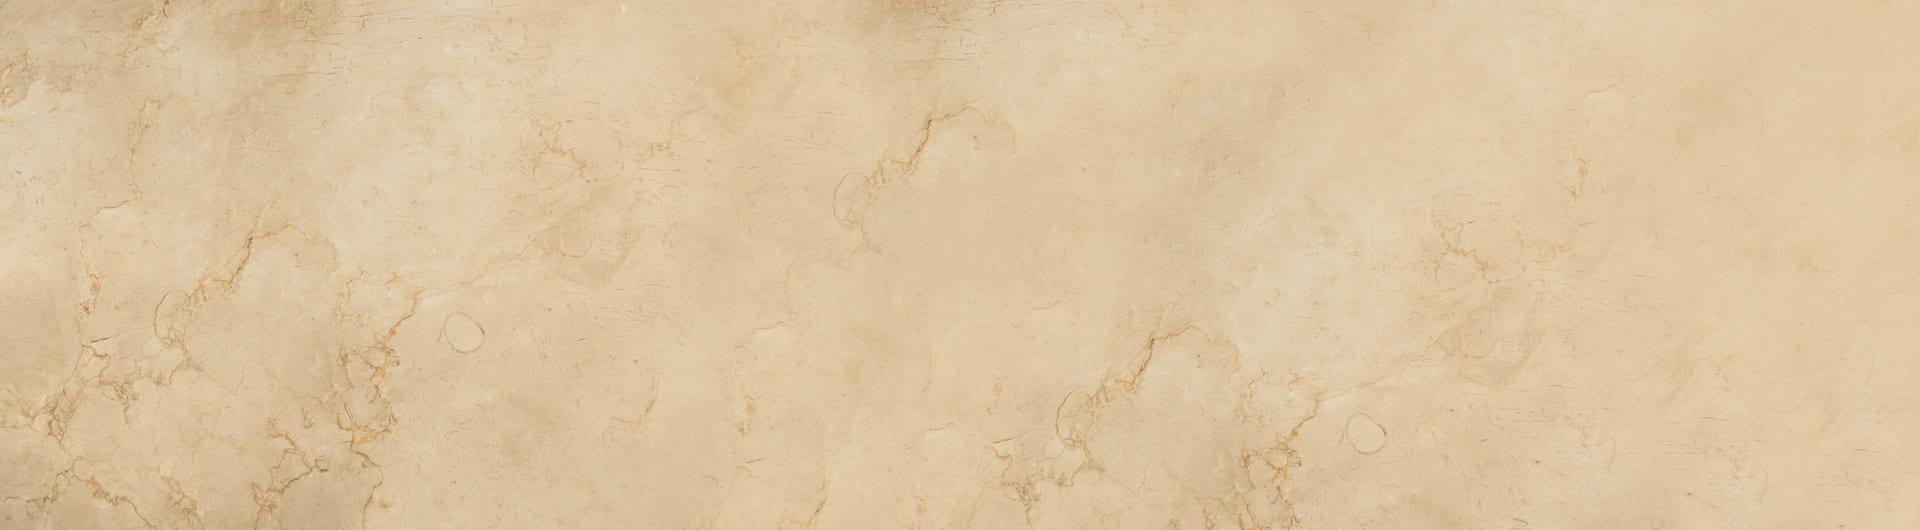 fondo piso marmol crema marfil